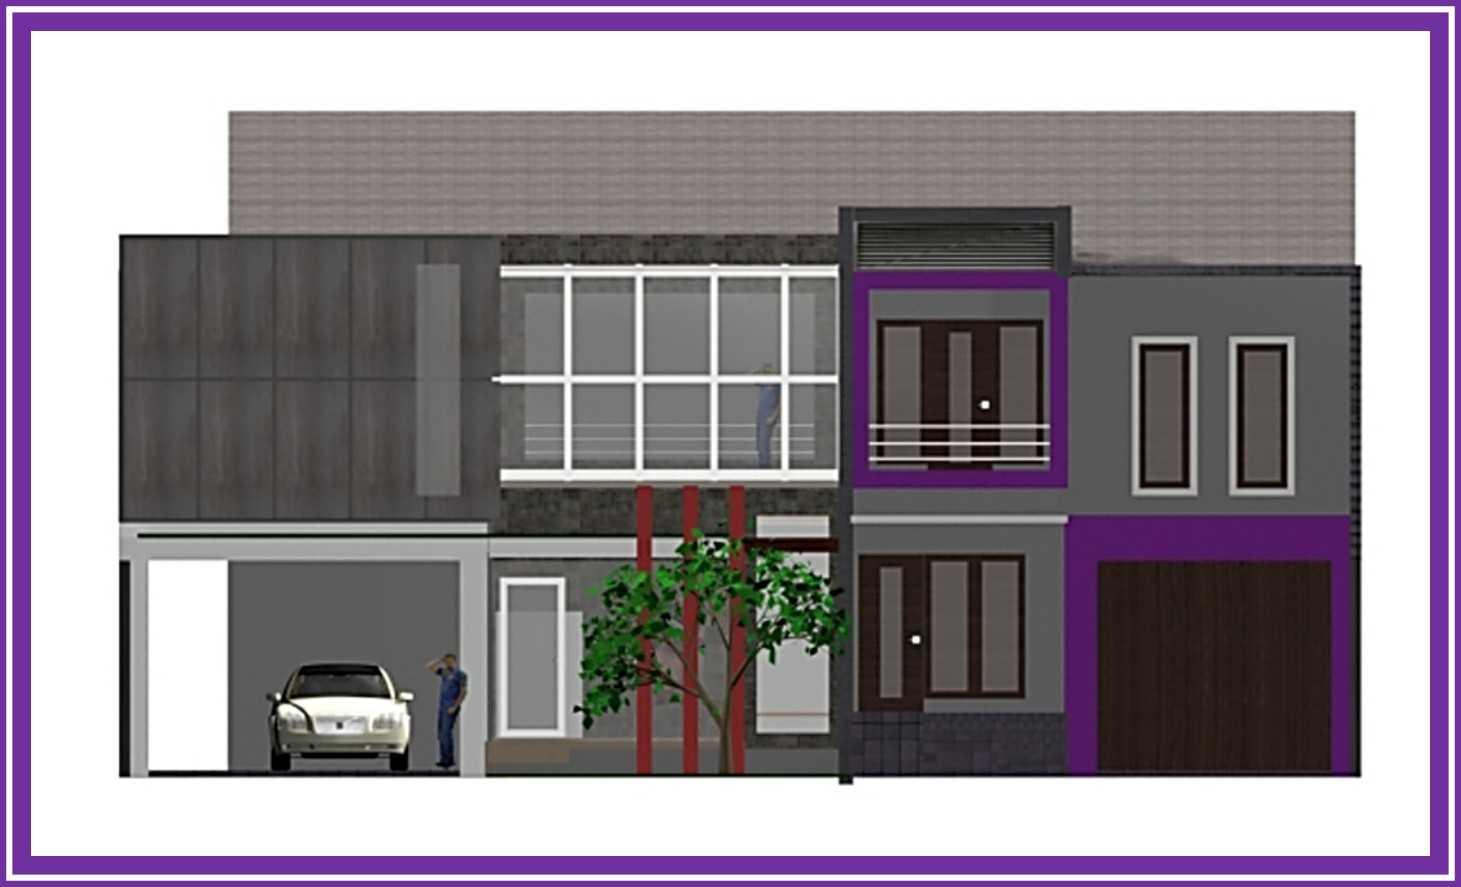 Ideall Design Rumah Junction Box Kec. Jagakarsa, Kota Jakarta Selatan, Daerah Khusus Ibukota Jakarta, Indonesia Kec. Jagakarsa, Kota Jakarta Selatan, Daerah Khusus Ibukota Jakarta, Indonesia Ideall-Design-When-A-Design-Idea-Becomes-Ideal-Design-For-All-Rumah-Junction-Box  114217